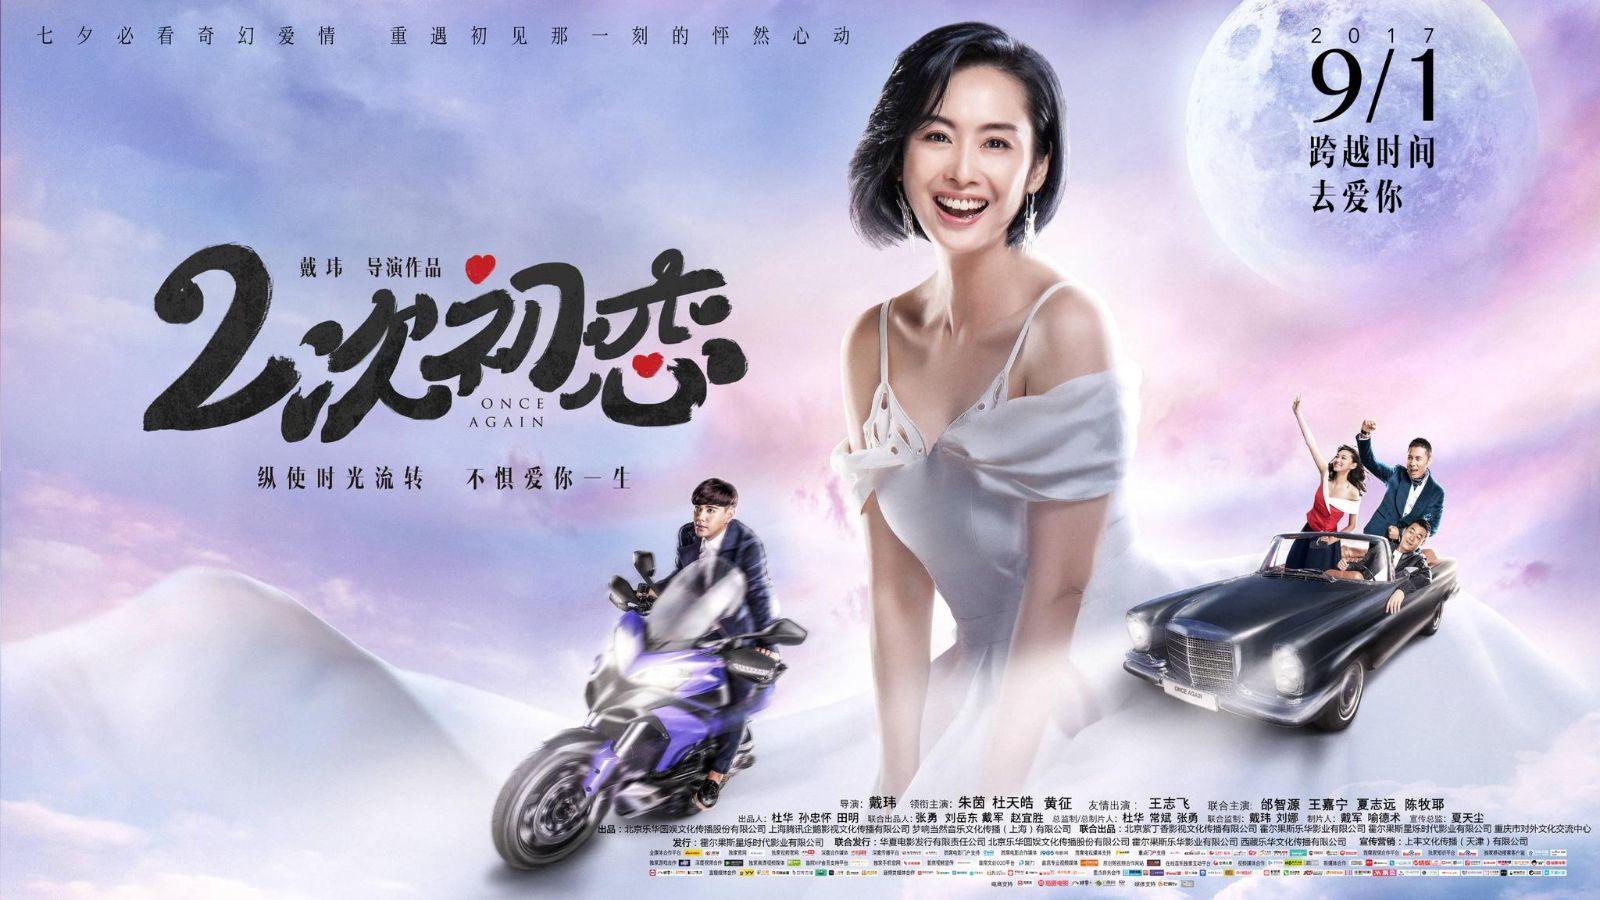 《二次初恋》改档9月1日 终极预告新鲜出炉朱茵化身女神受追捧